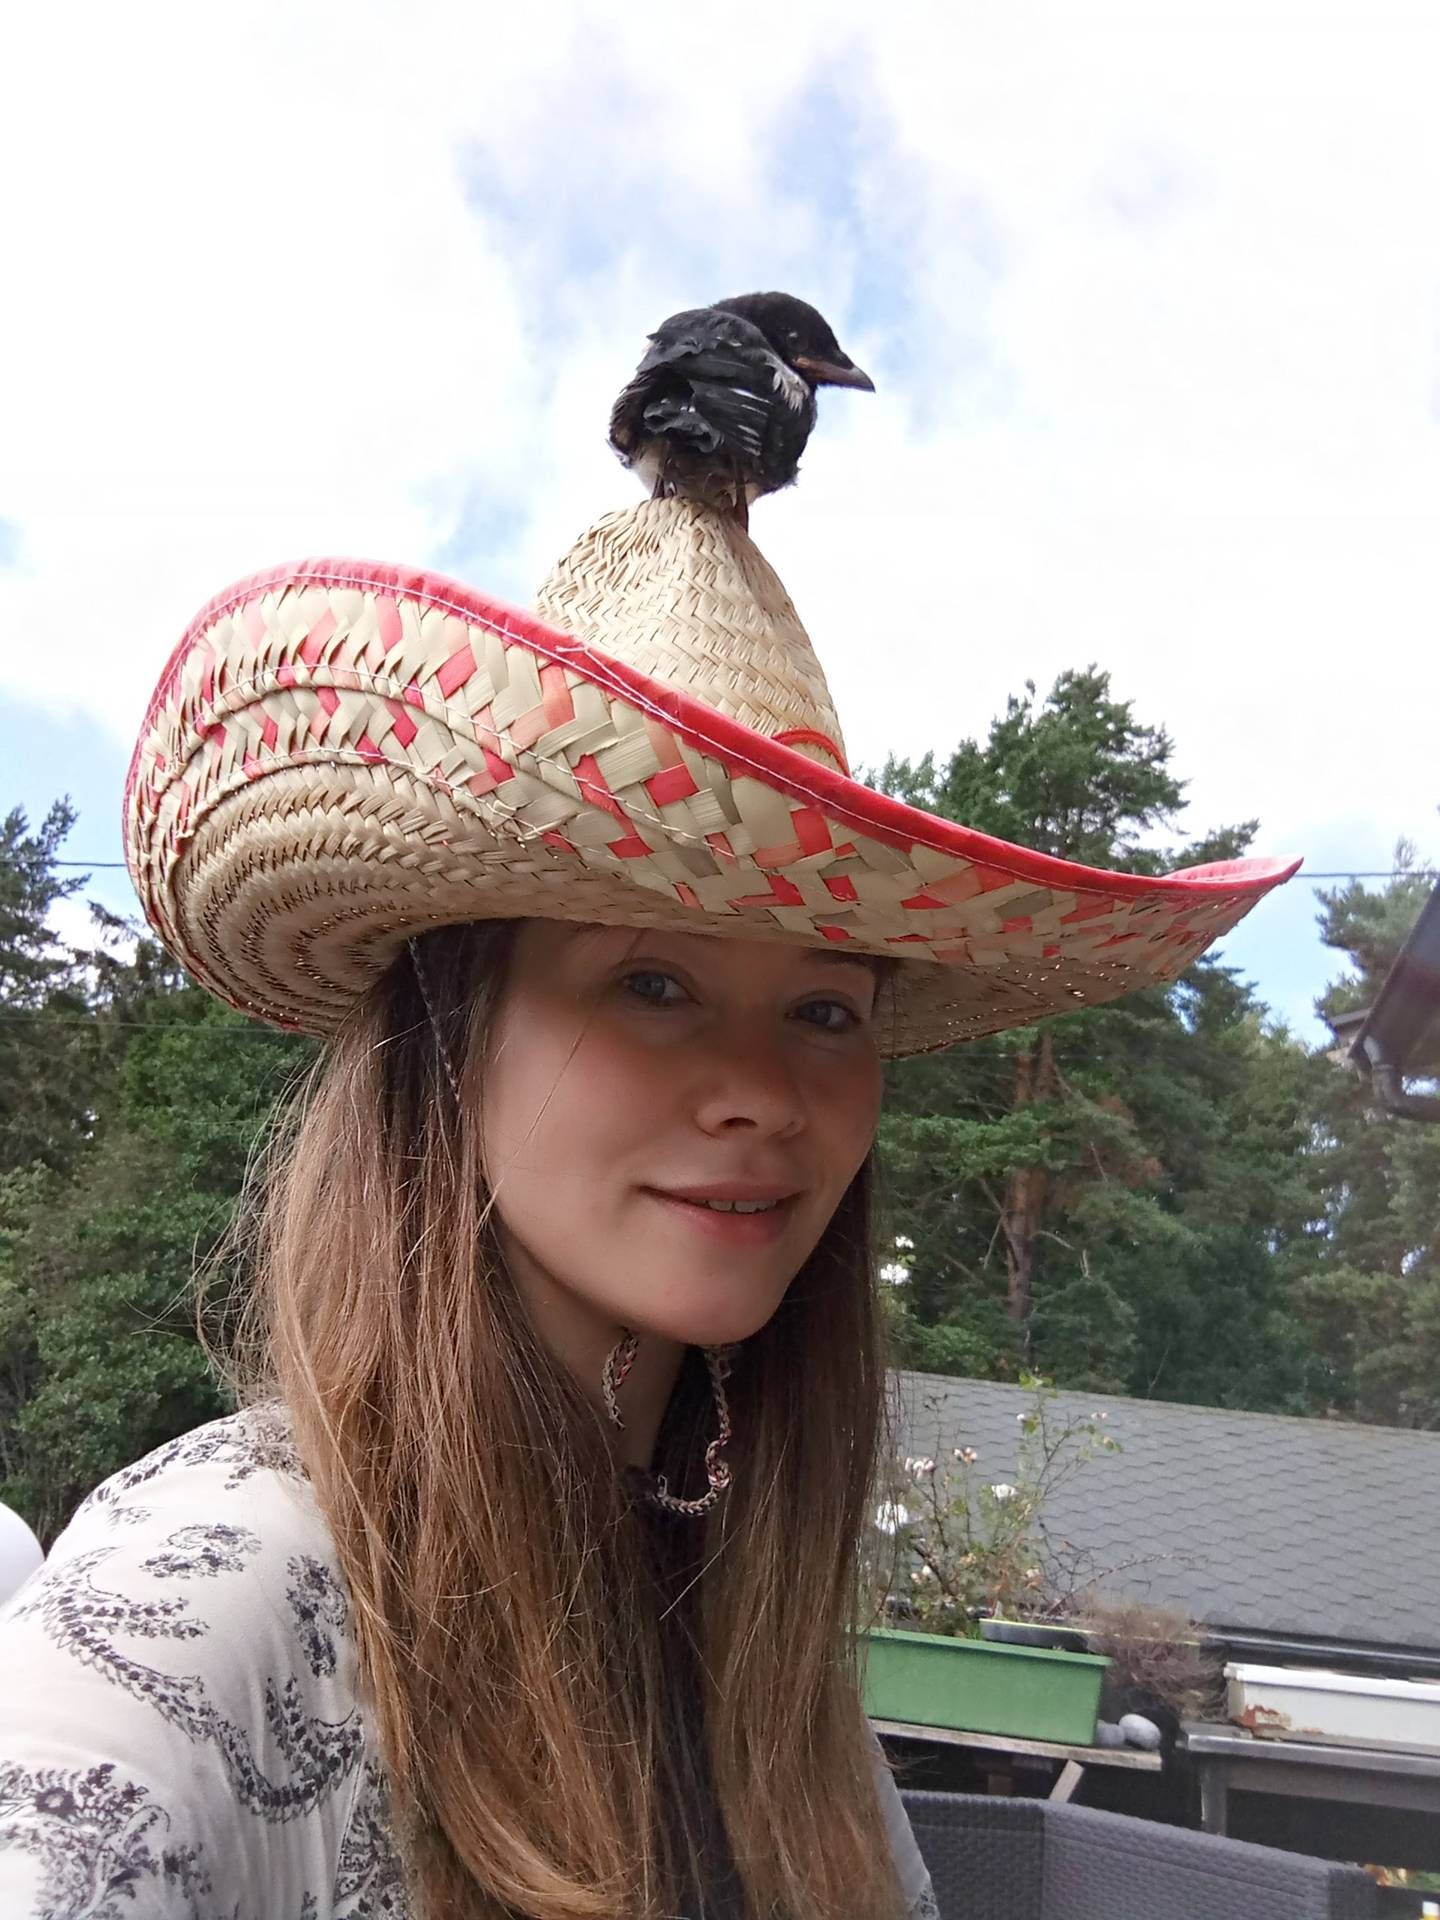 Skjæreunge sitter på toppen av en sombrerohatt, som Eli Anne har på hodet.